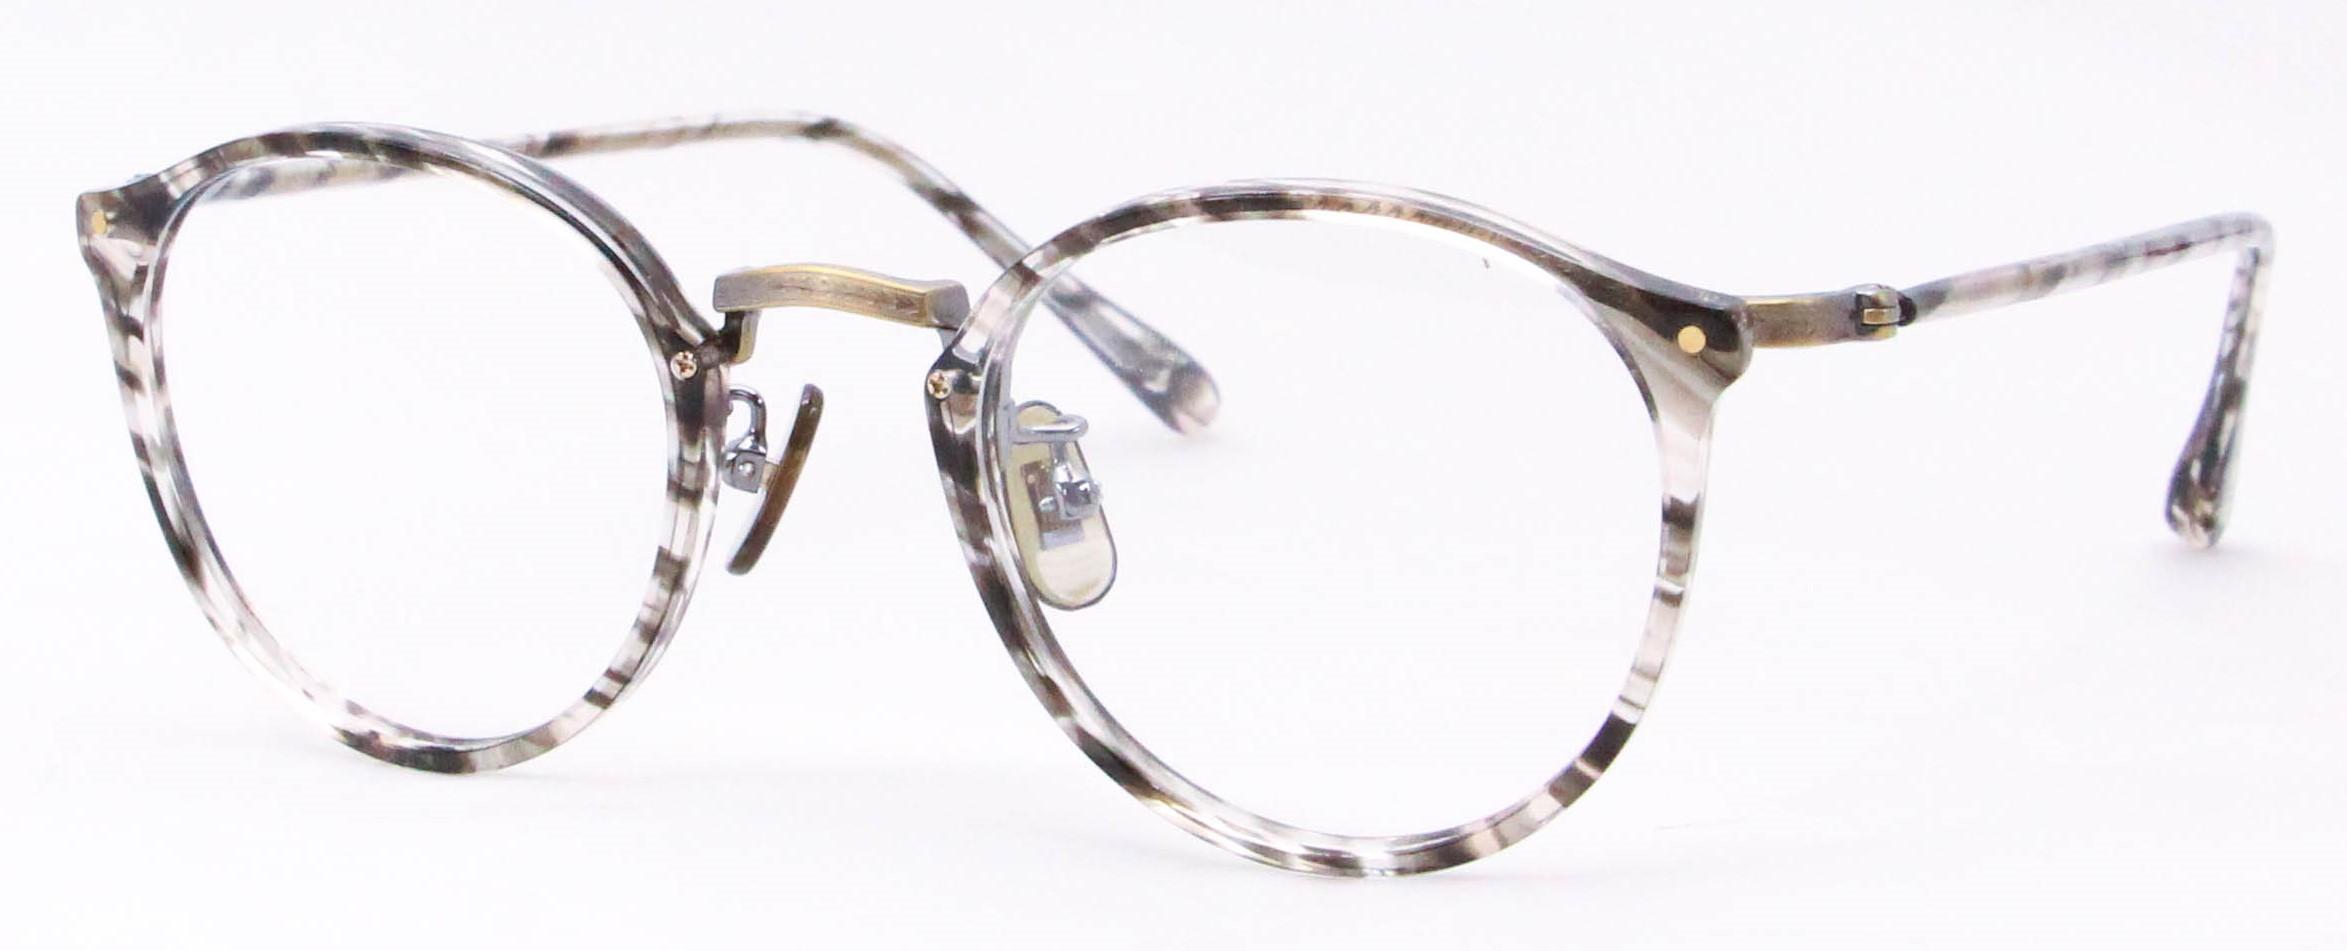 眼鏡のカラータイプC-2 Brown-Sasa/At-Gold K10飾り